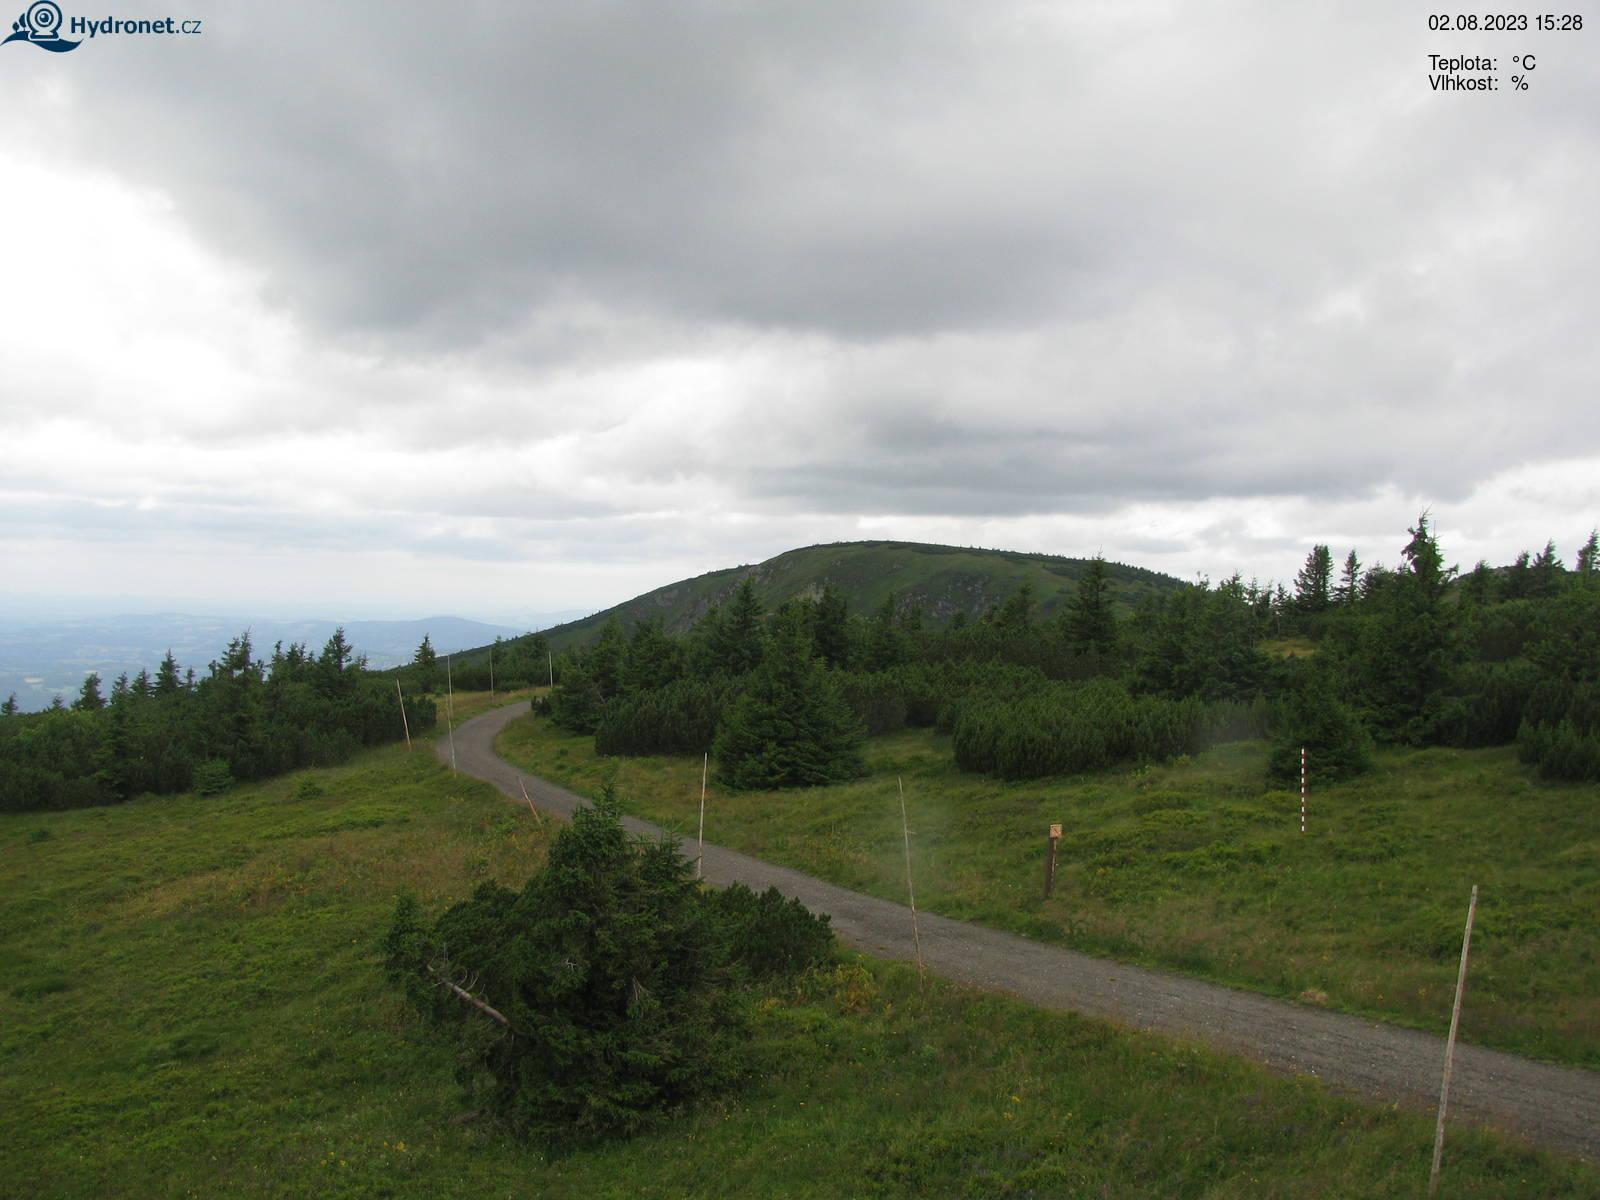 Webkamera Vrbatova bouda v Krkonoších